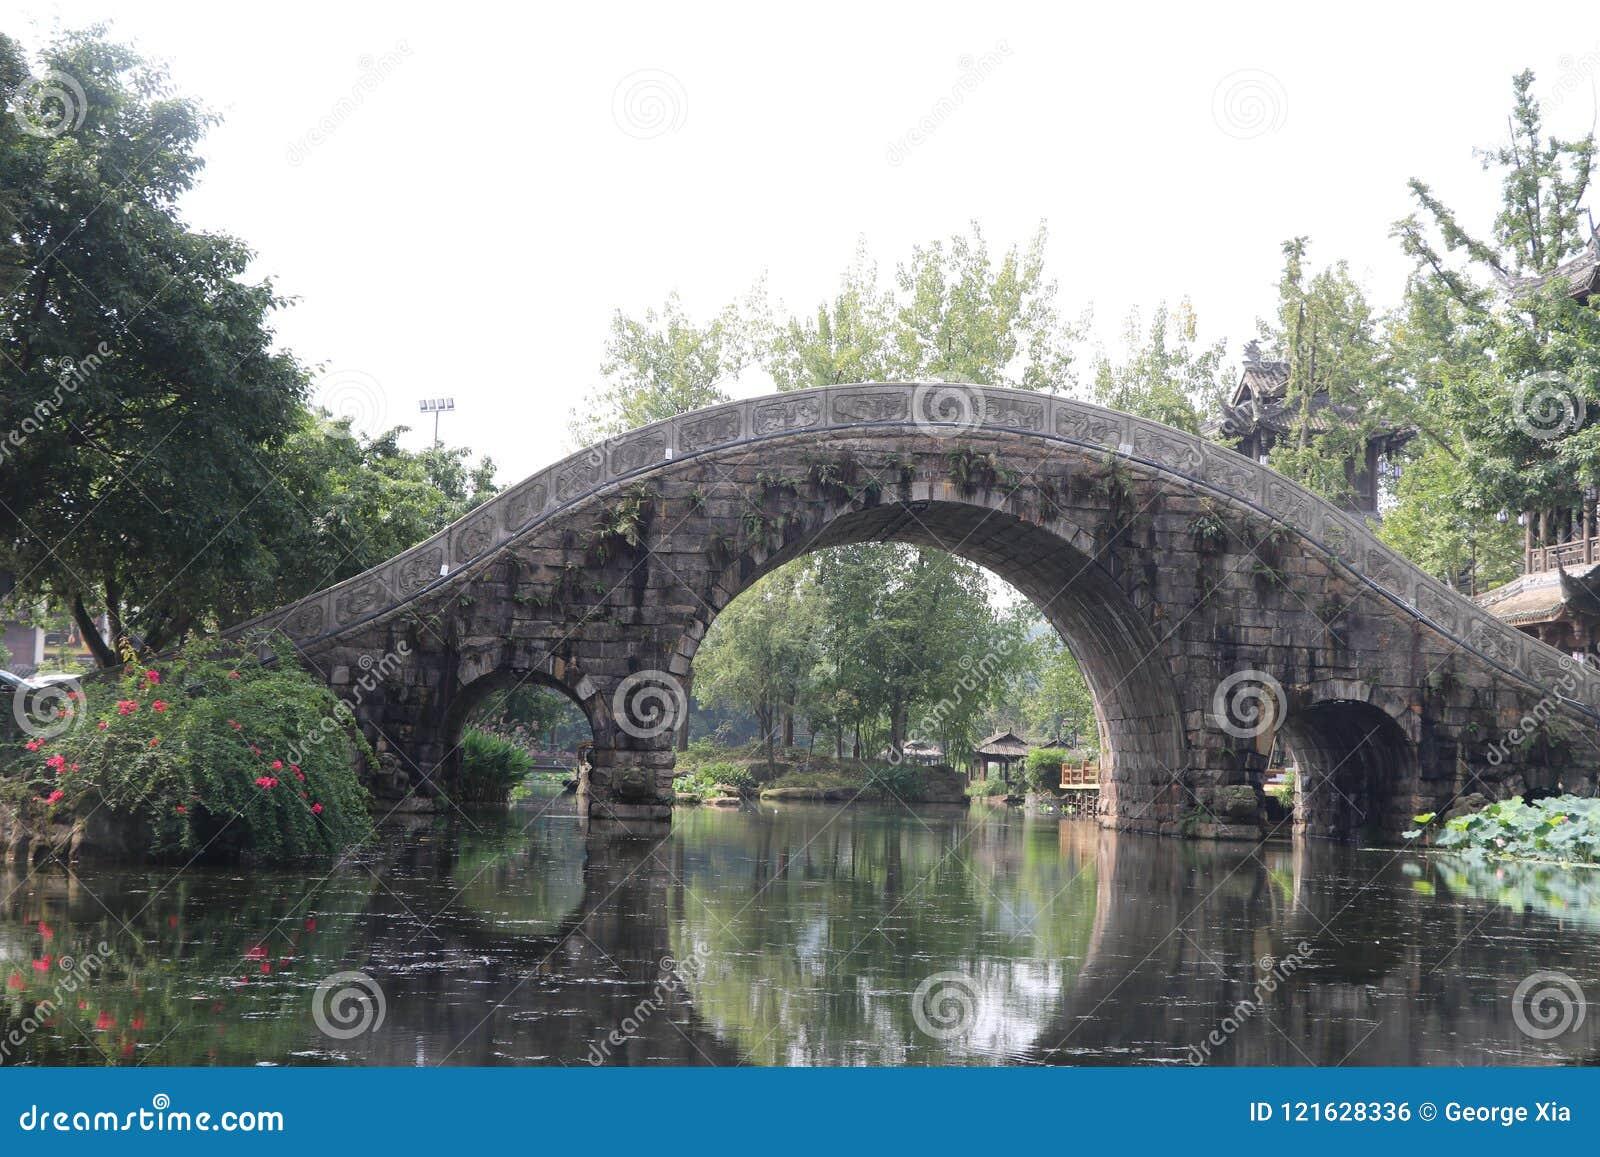 Waterwheel, łuku most, latarnia uliczna, drzewa, kamienie, jezioro, krajobraz